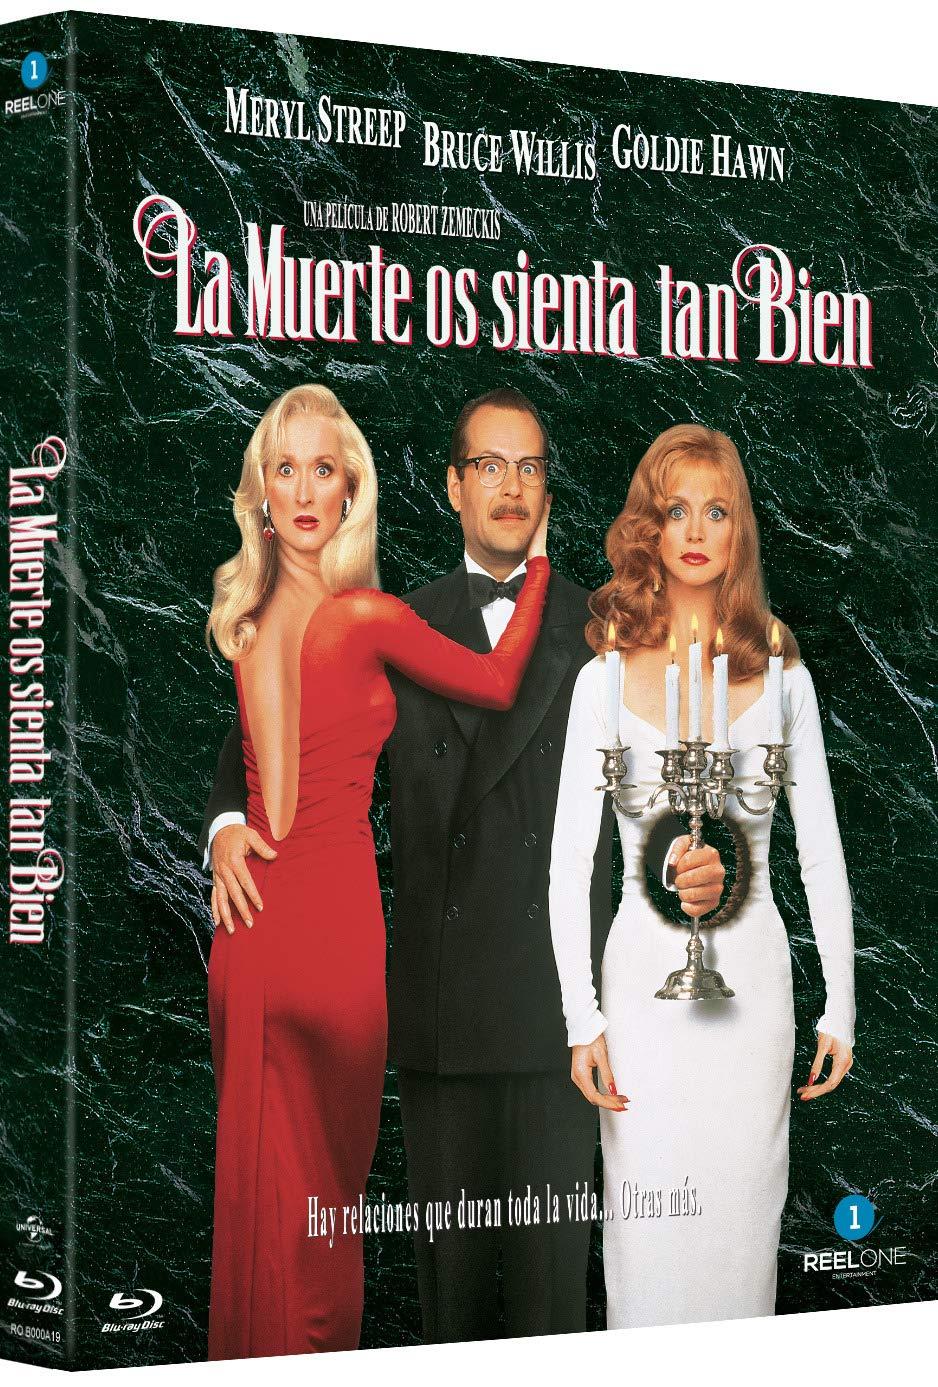 La muerte os sienta tan bien (Death becomes her) [Blu-ray]